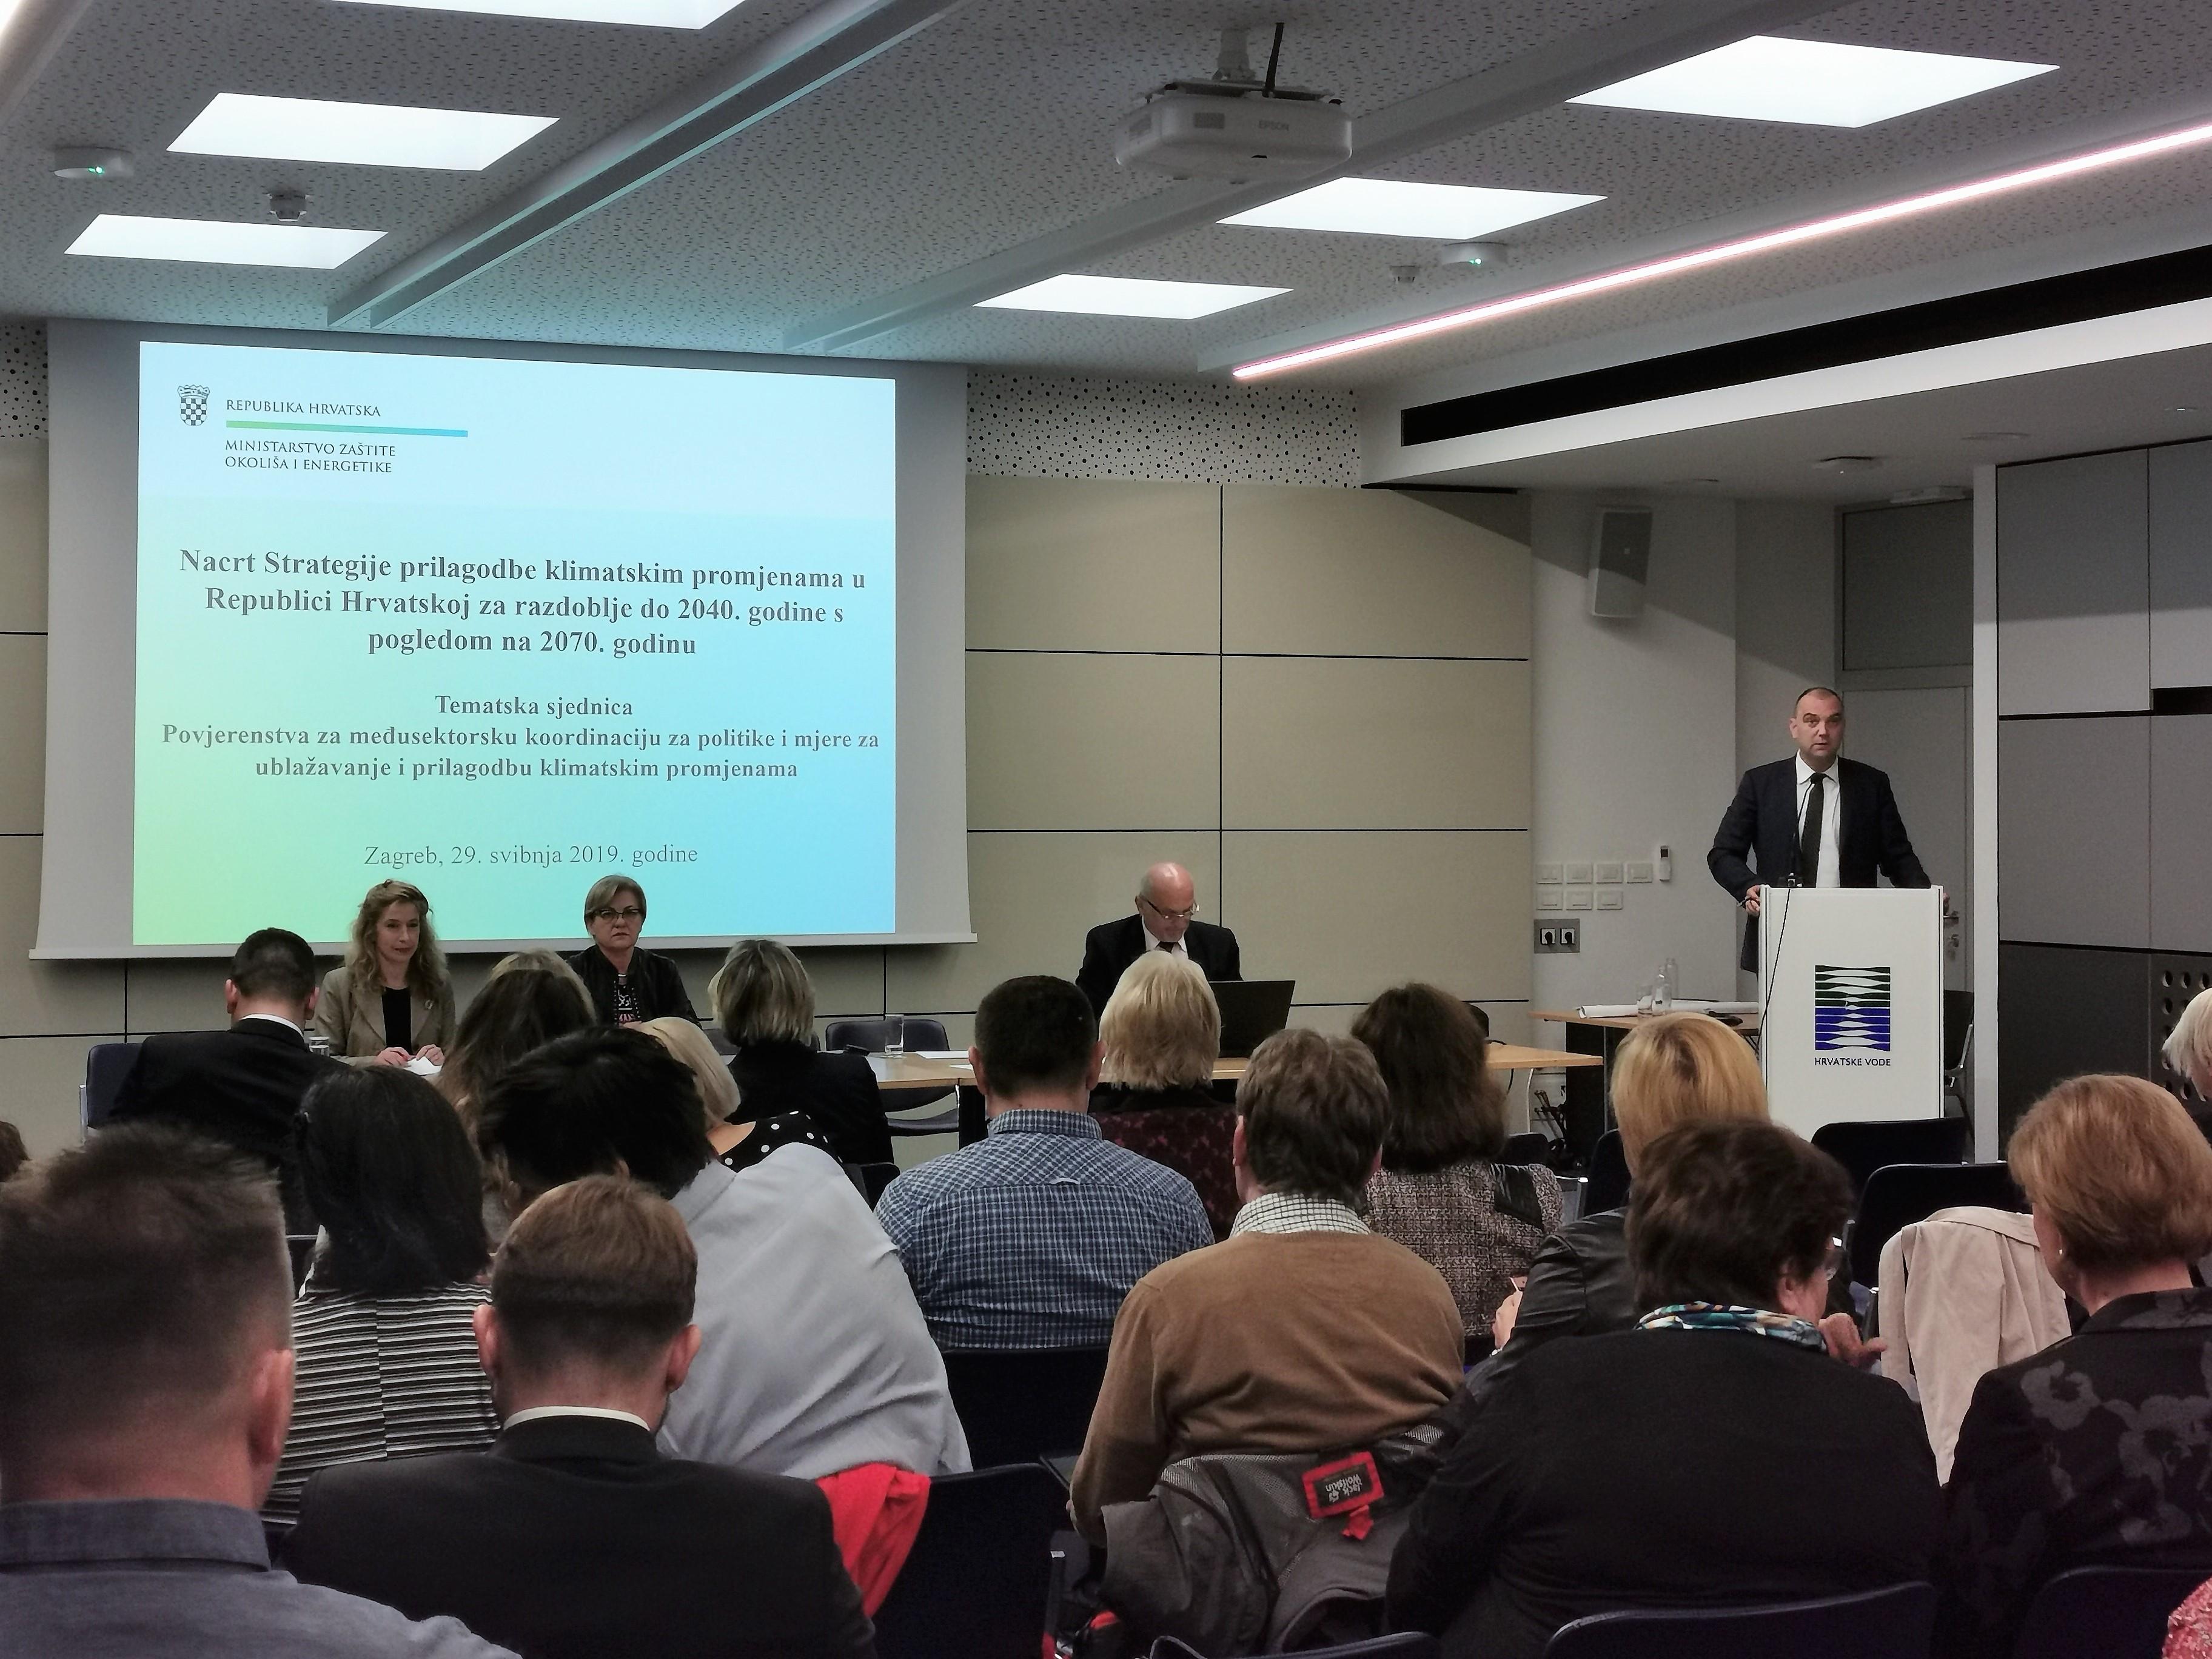 Održana Tematska sjednica Povjerenstva za međusektorsku koordinaciju za politike i mjere za ublažavanje i prilagodbu klimatskim promjenama